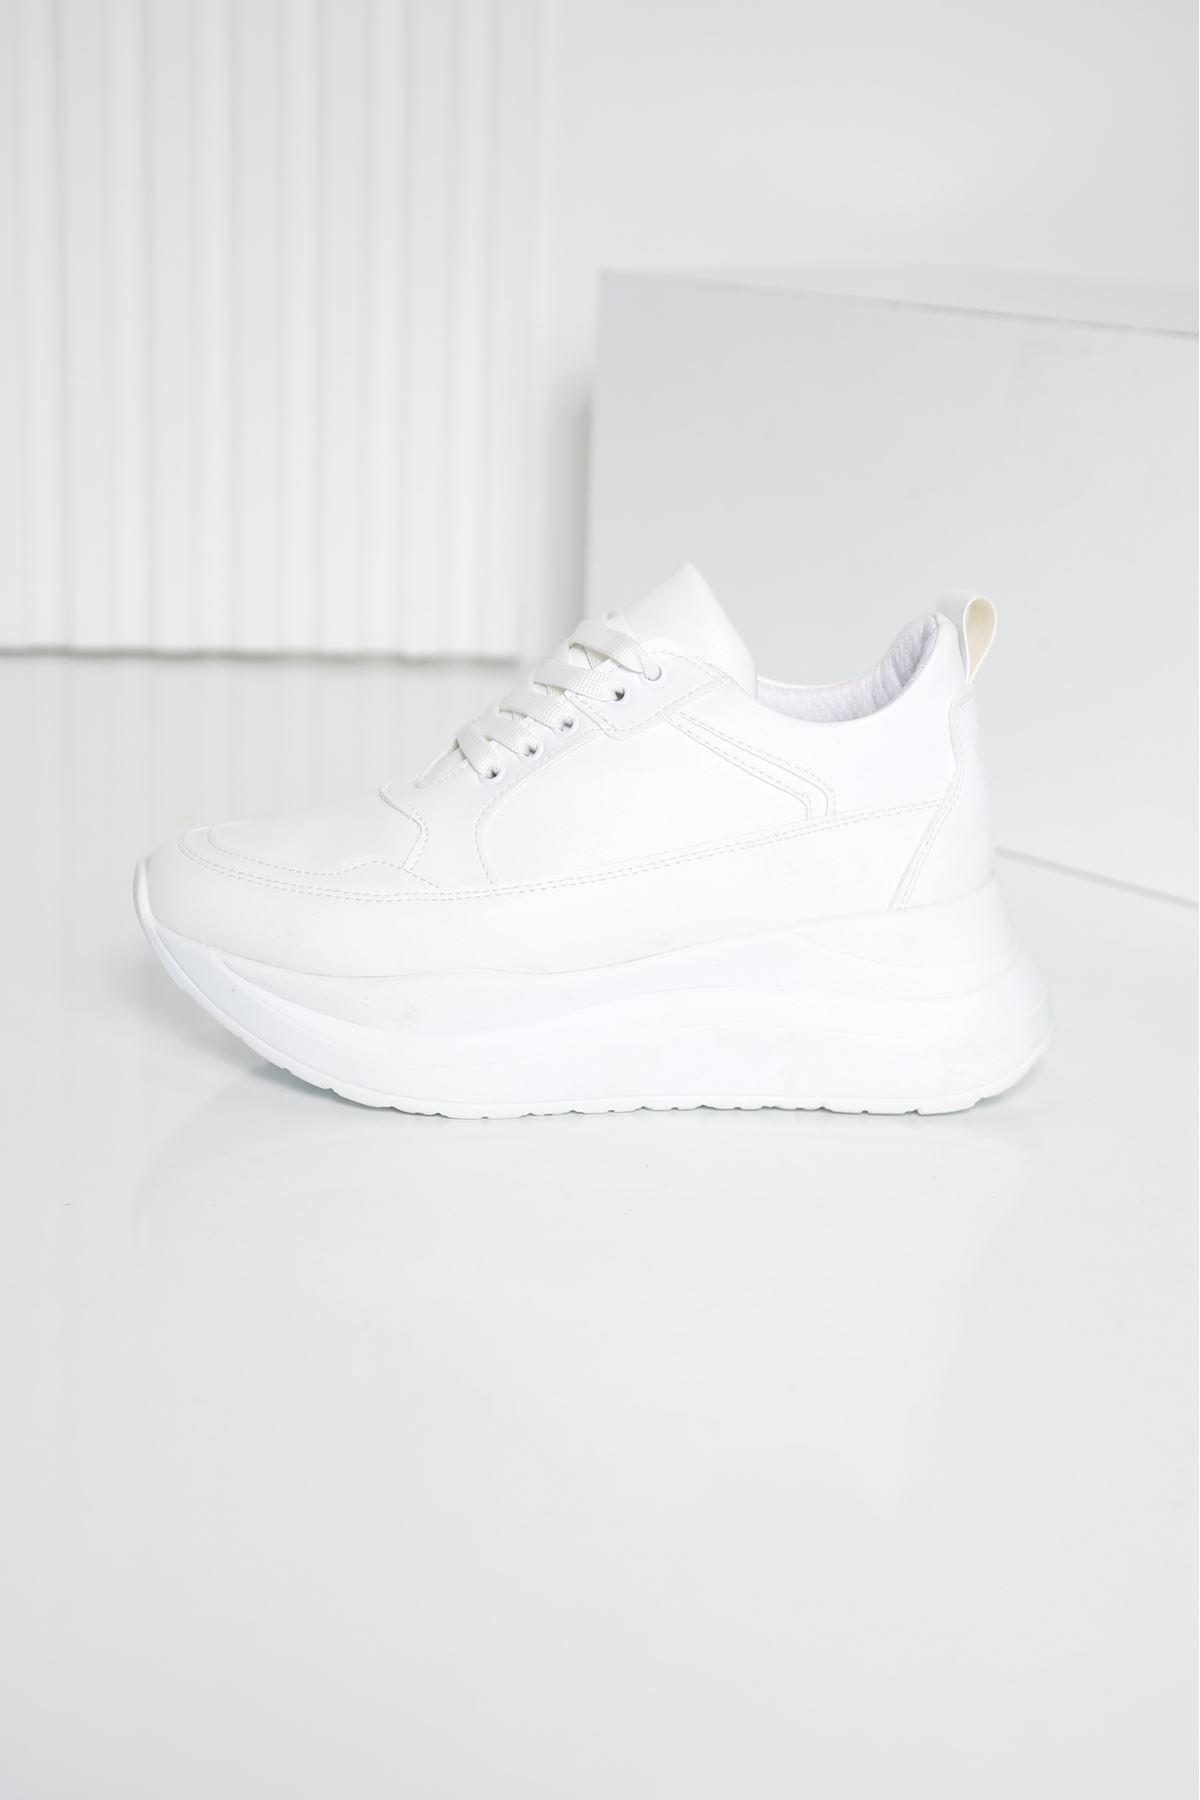 ROTS Beyaz Kadın Spor Ayakkabı